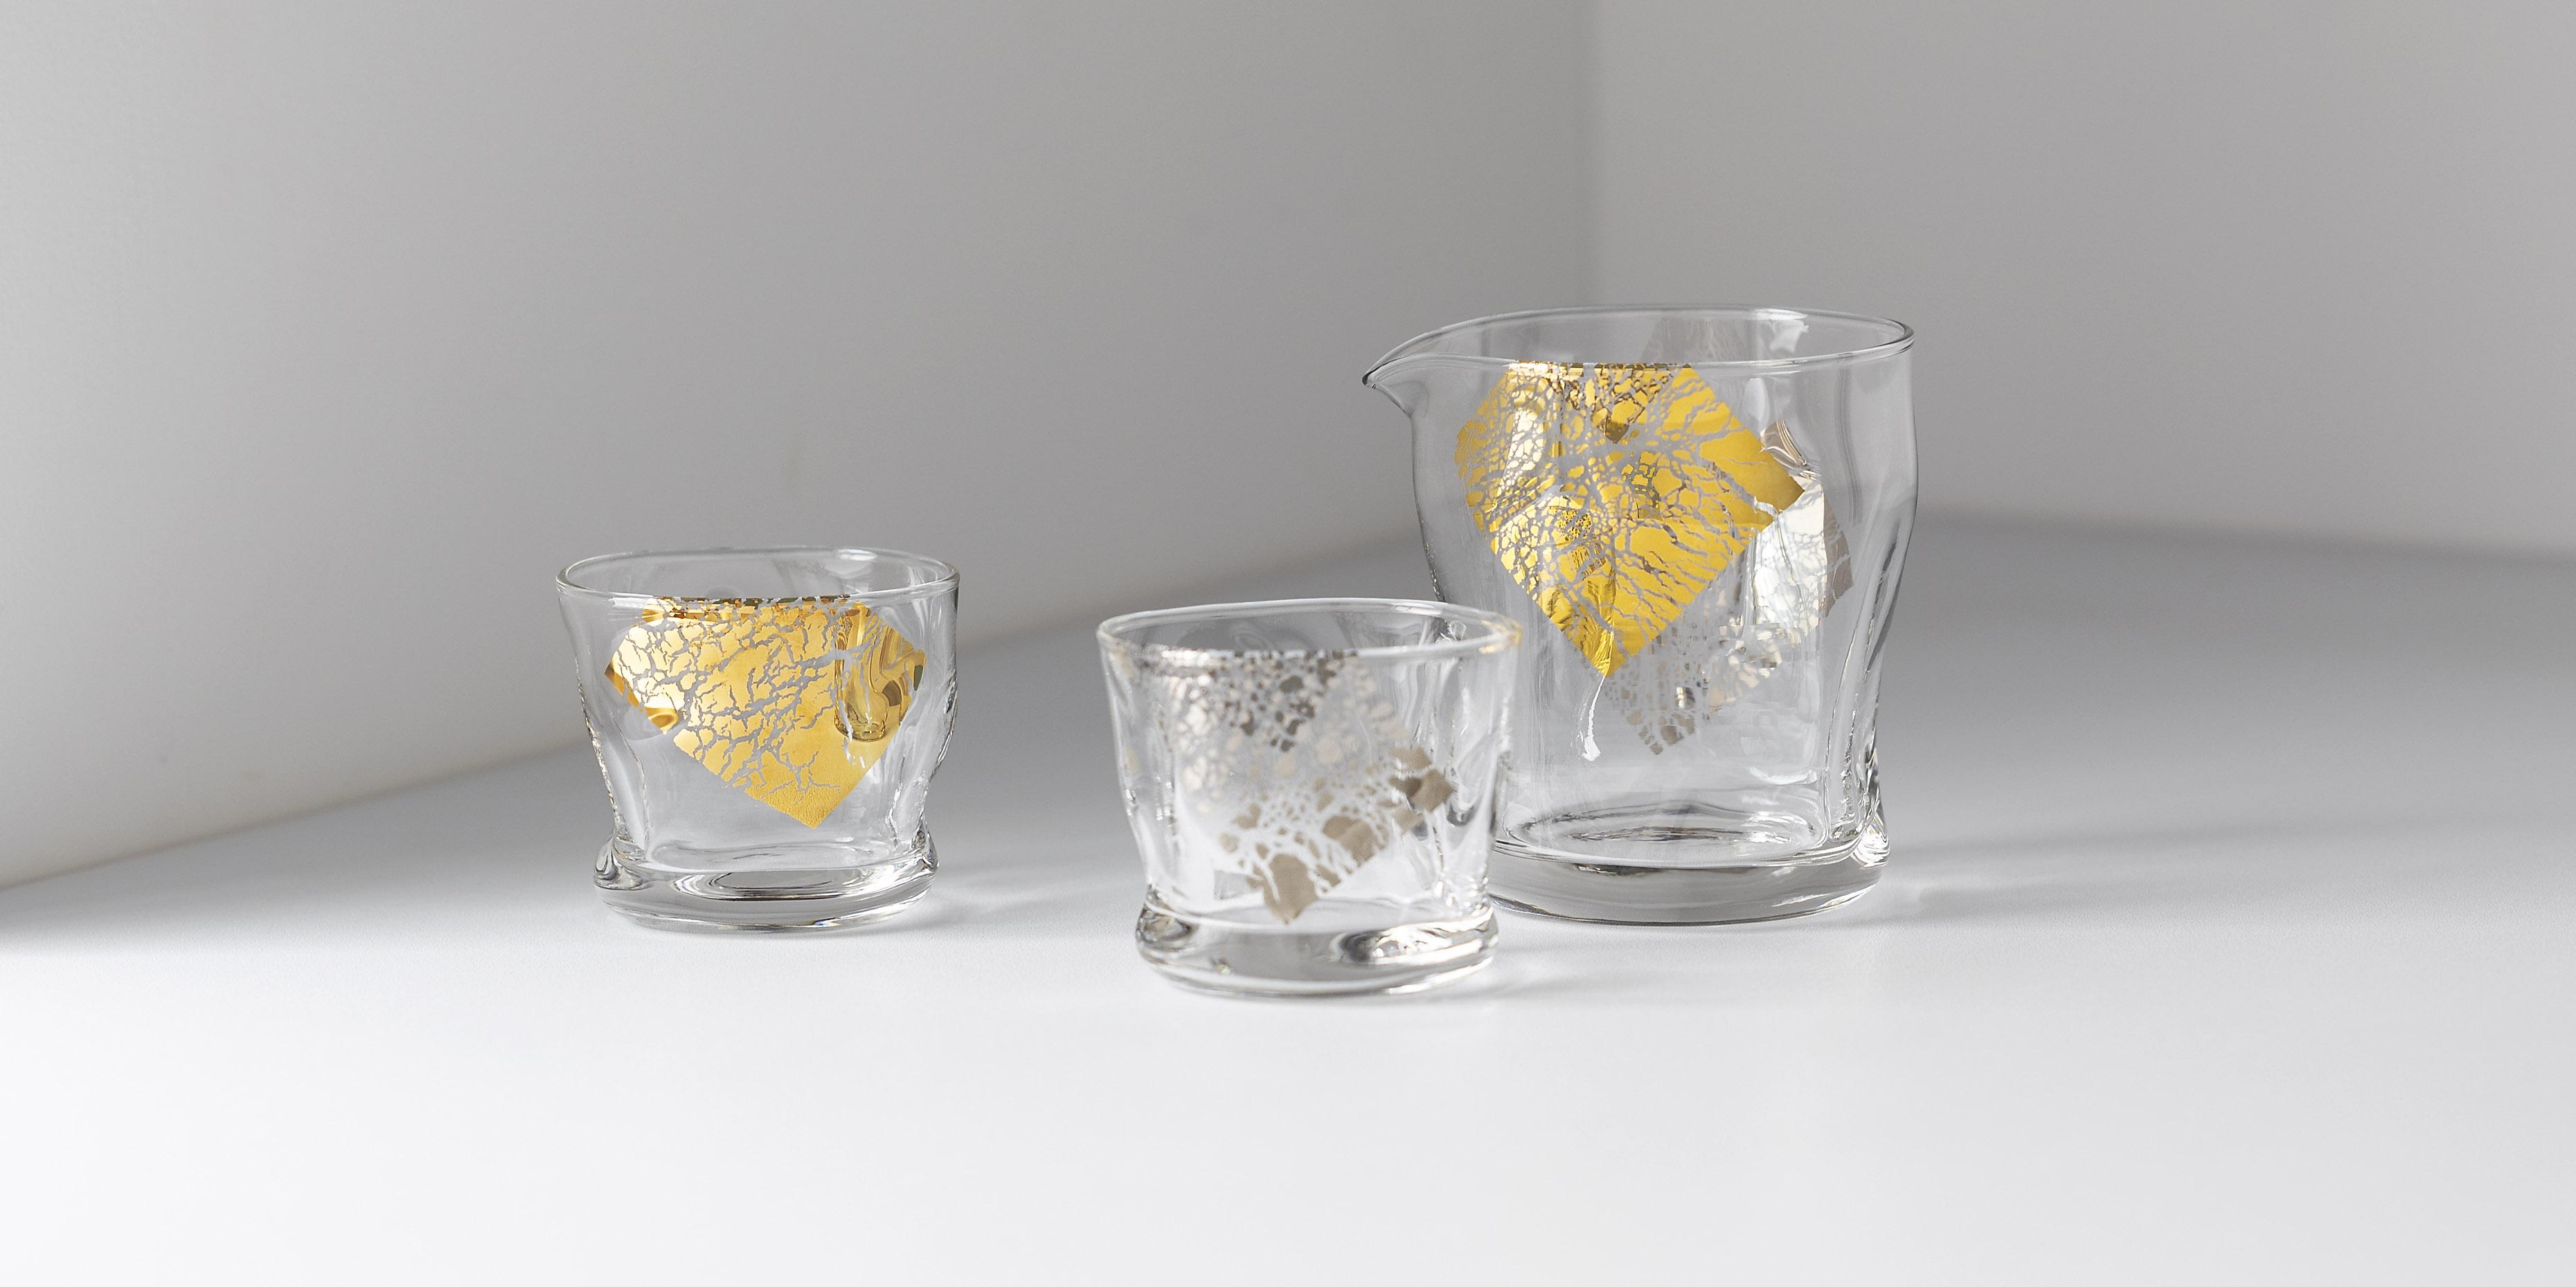 てびねりフルード金羅凛、クラフトサケ金羅璃|日本製|ガラス食器ブランド ADERIA|アデリア